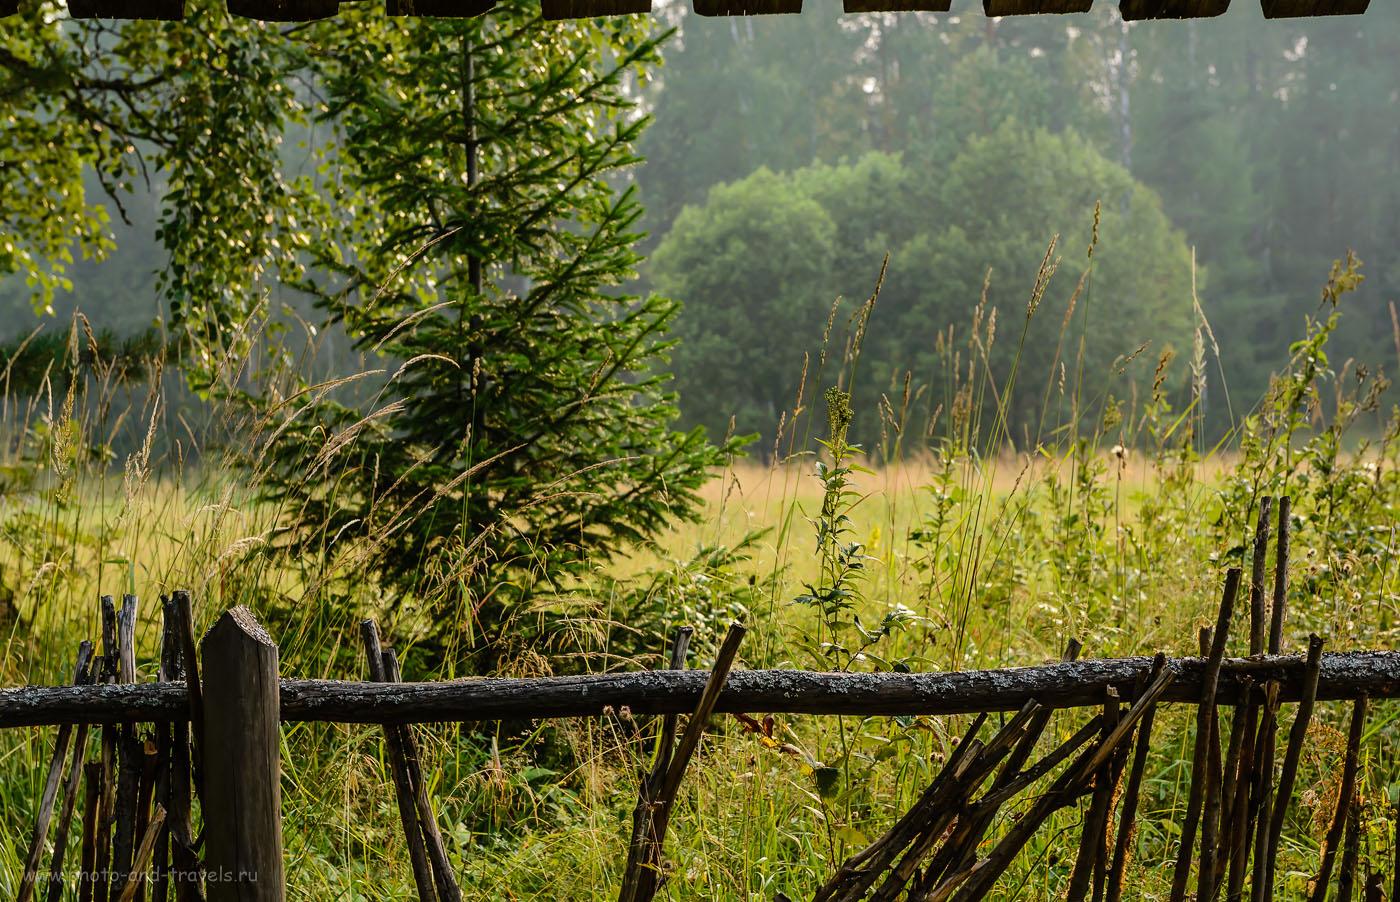 Фотография 35. Пейзаж в Оленьих ручьях. Отзывы туристов о походе по маршруту к скале Карстовый мост. 1/160, -0.67, 8.0, 640, 70.